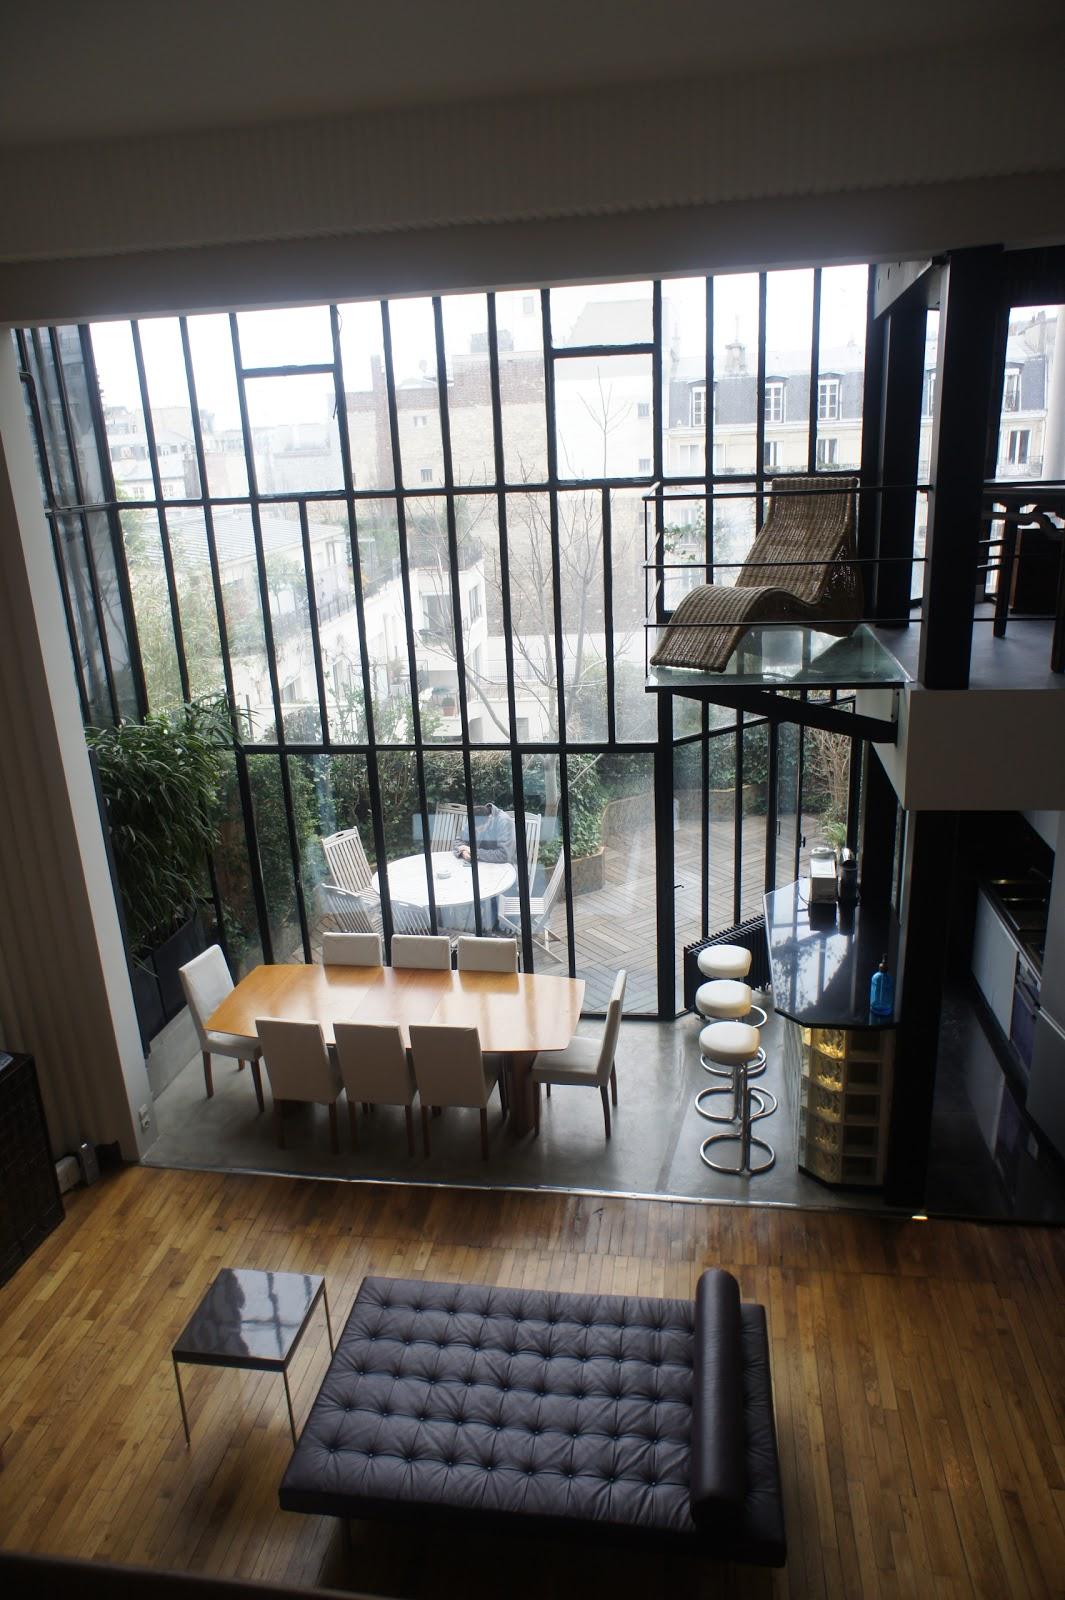 Atelier d 39 artiste paris 200m2 - Location atelier d artiste paris ...